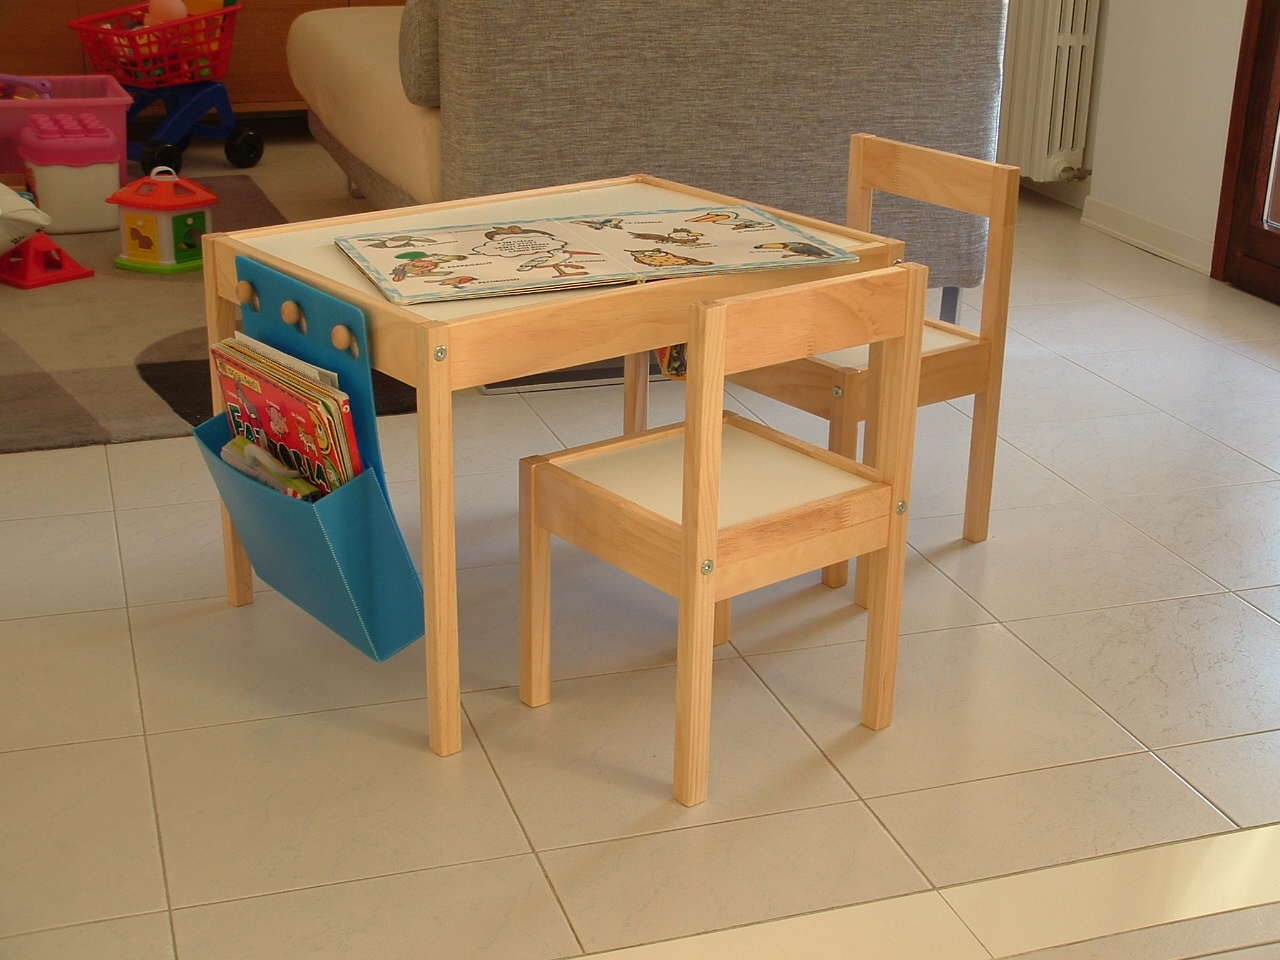 Ricicla e crea tavolino ikea per flavia - Tavolino e sedie bimbi ikea ...